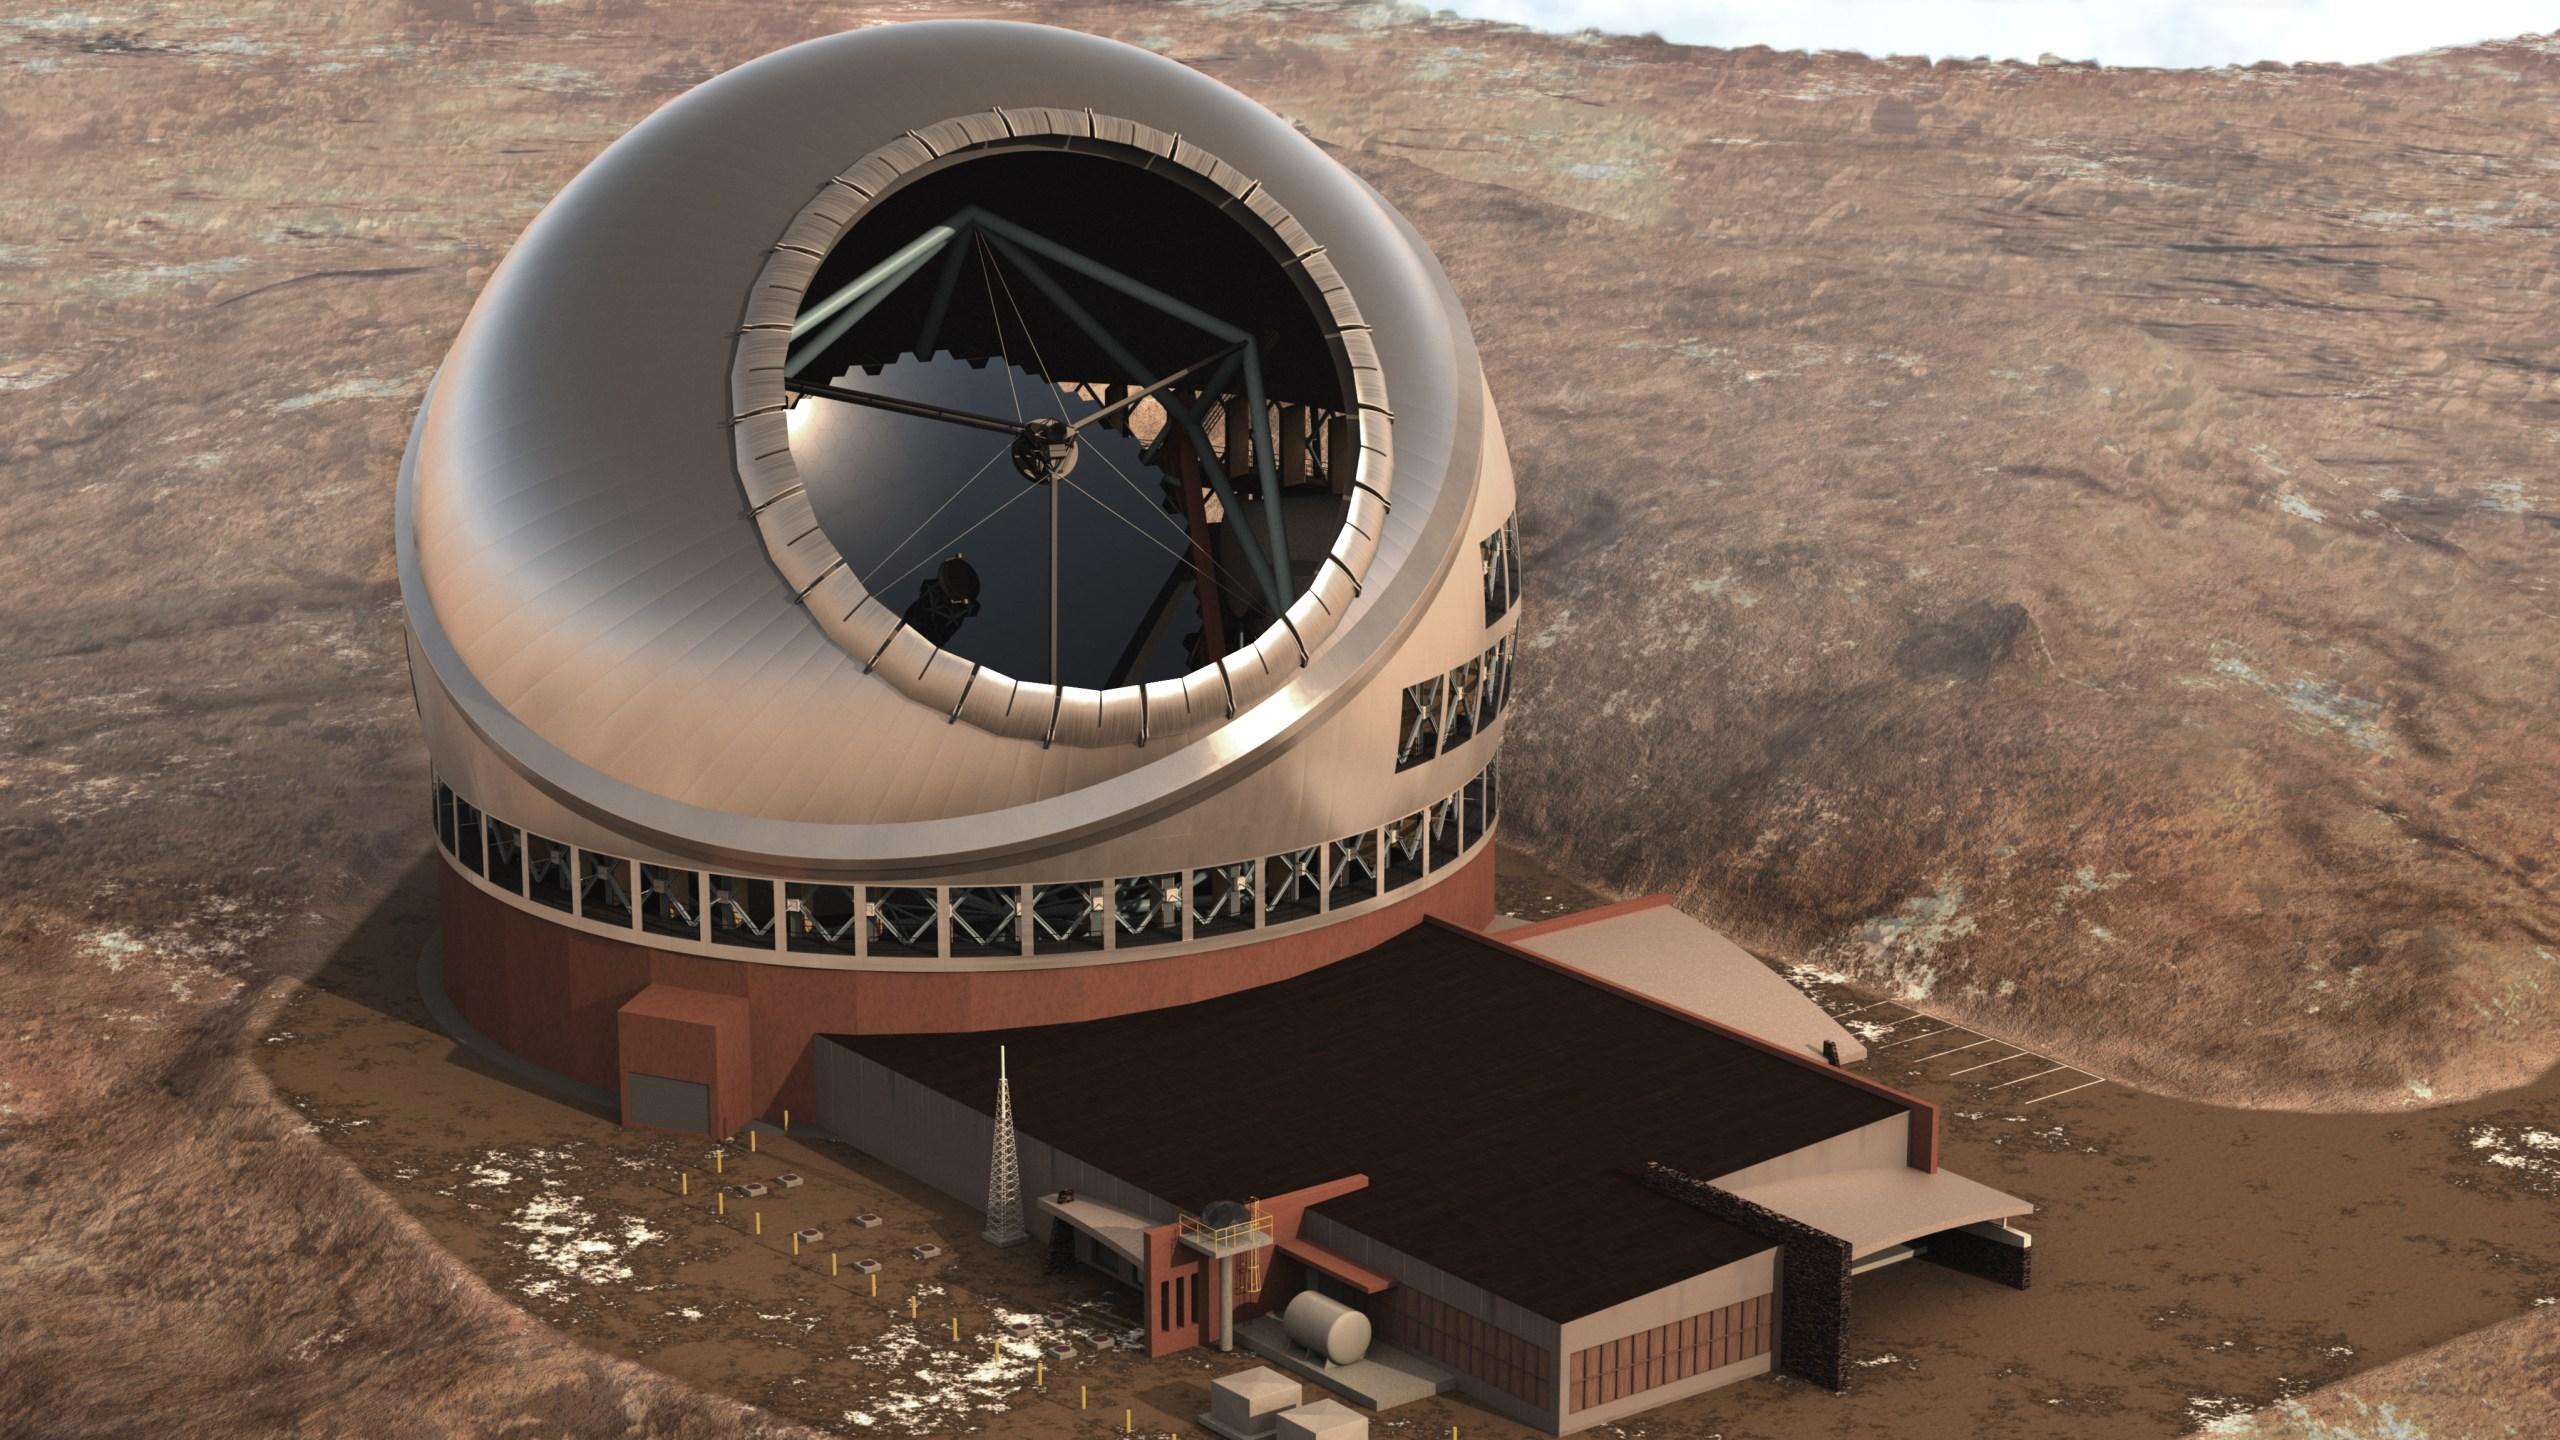 3-26 THIRTY METER TELESCOPE 2_85652